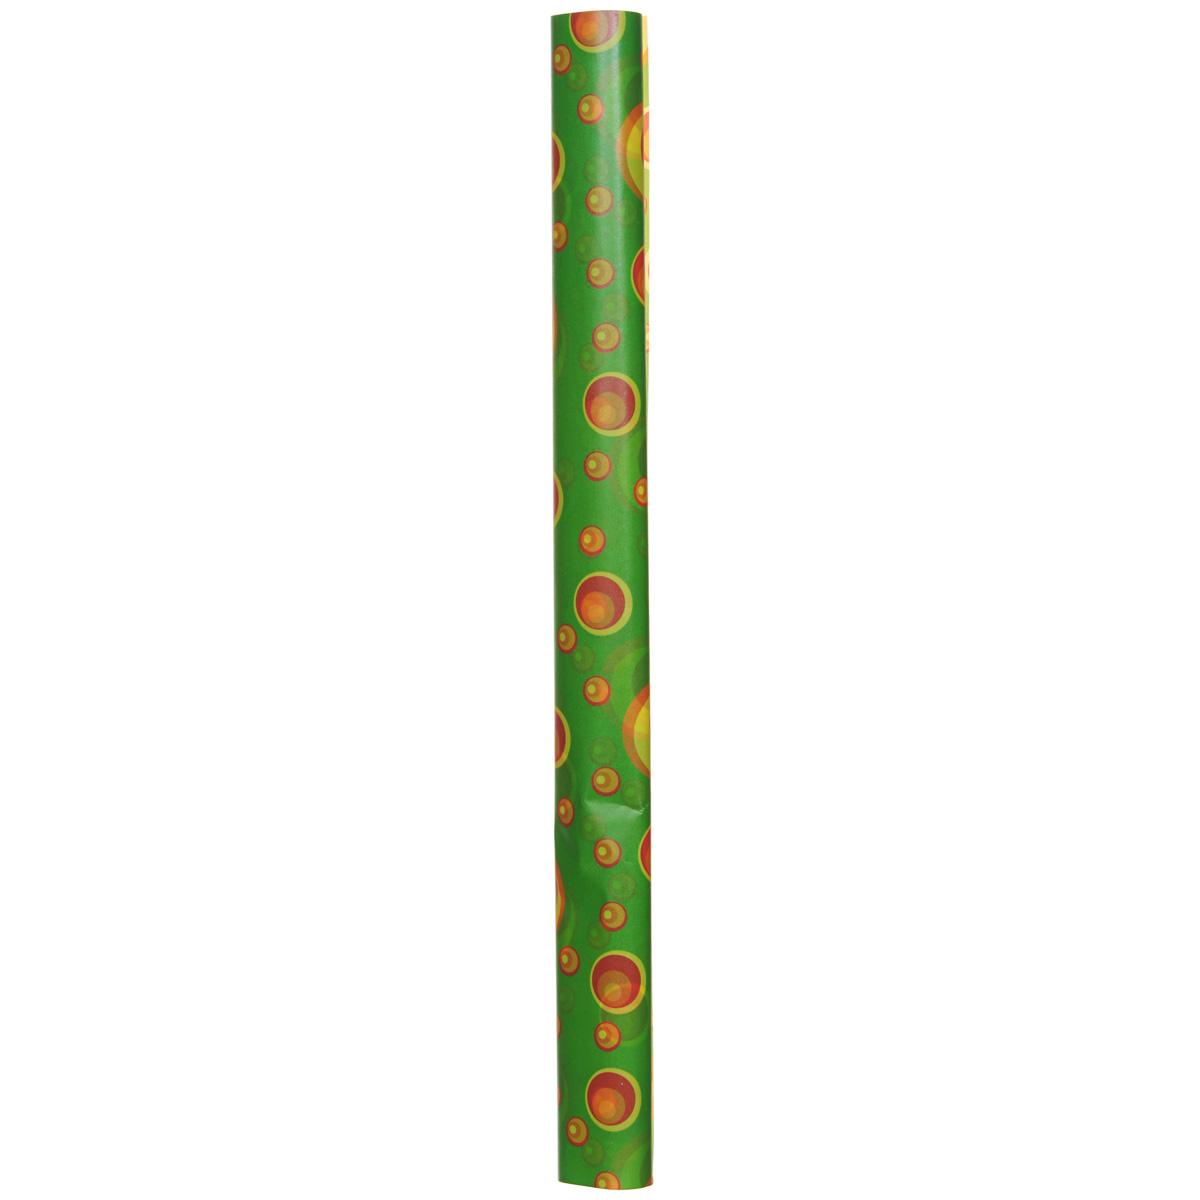 Транспарентная бумага Folia Круги, цвет: зеленый, 50,5 x 70 см7708098Транспарентная бумага Folia Круги - полупрозрачная бумага с оригинальным дизайном в виде различных кругов. Используется для изготовления открыток, для скрапбукинга и других декоративных или дизайнерских работ. Бумага прекрасно держит форму, не пачкает руки, отлично крепится. Конструирование из транспарентной бумаги - необходимый для развития детей процесс. Во время занятия аппликацией ребенок сумеет разработать четкость движений, ловкость пальцев, аккуратность и внимательность. Кроме того, транспарентная бумага позволит разнообразить идеи ребенка при создании творческих работ.